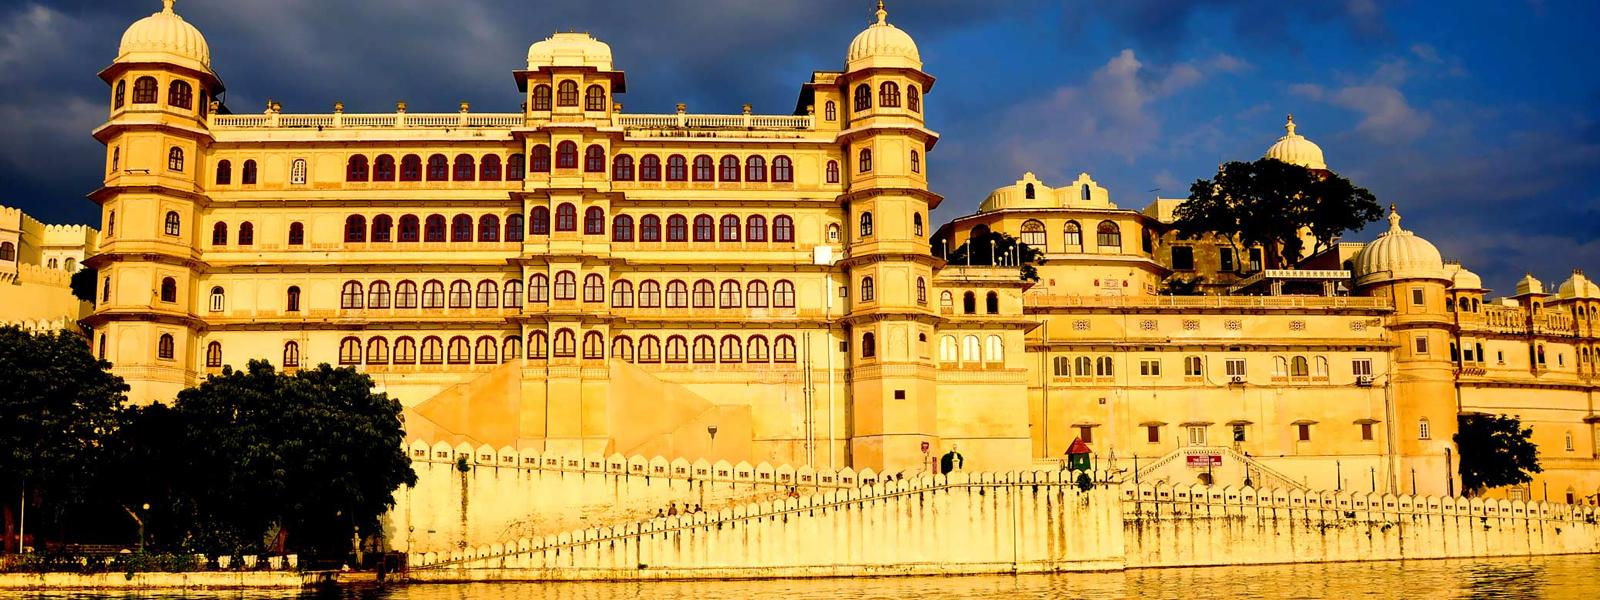 hotel-in-udaipur-rajasthan